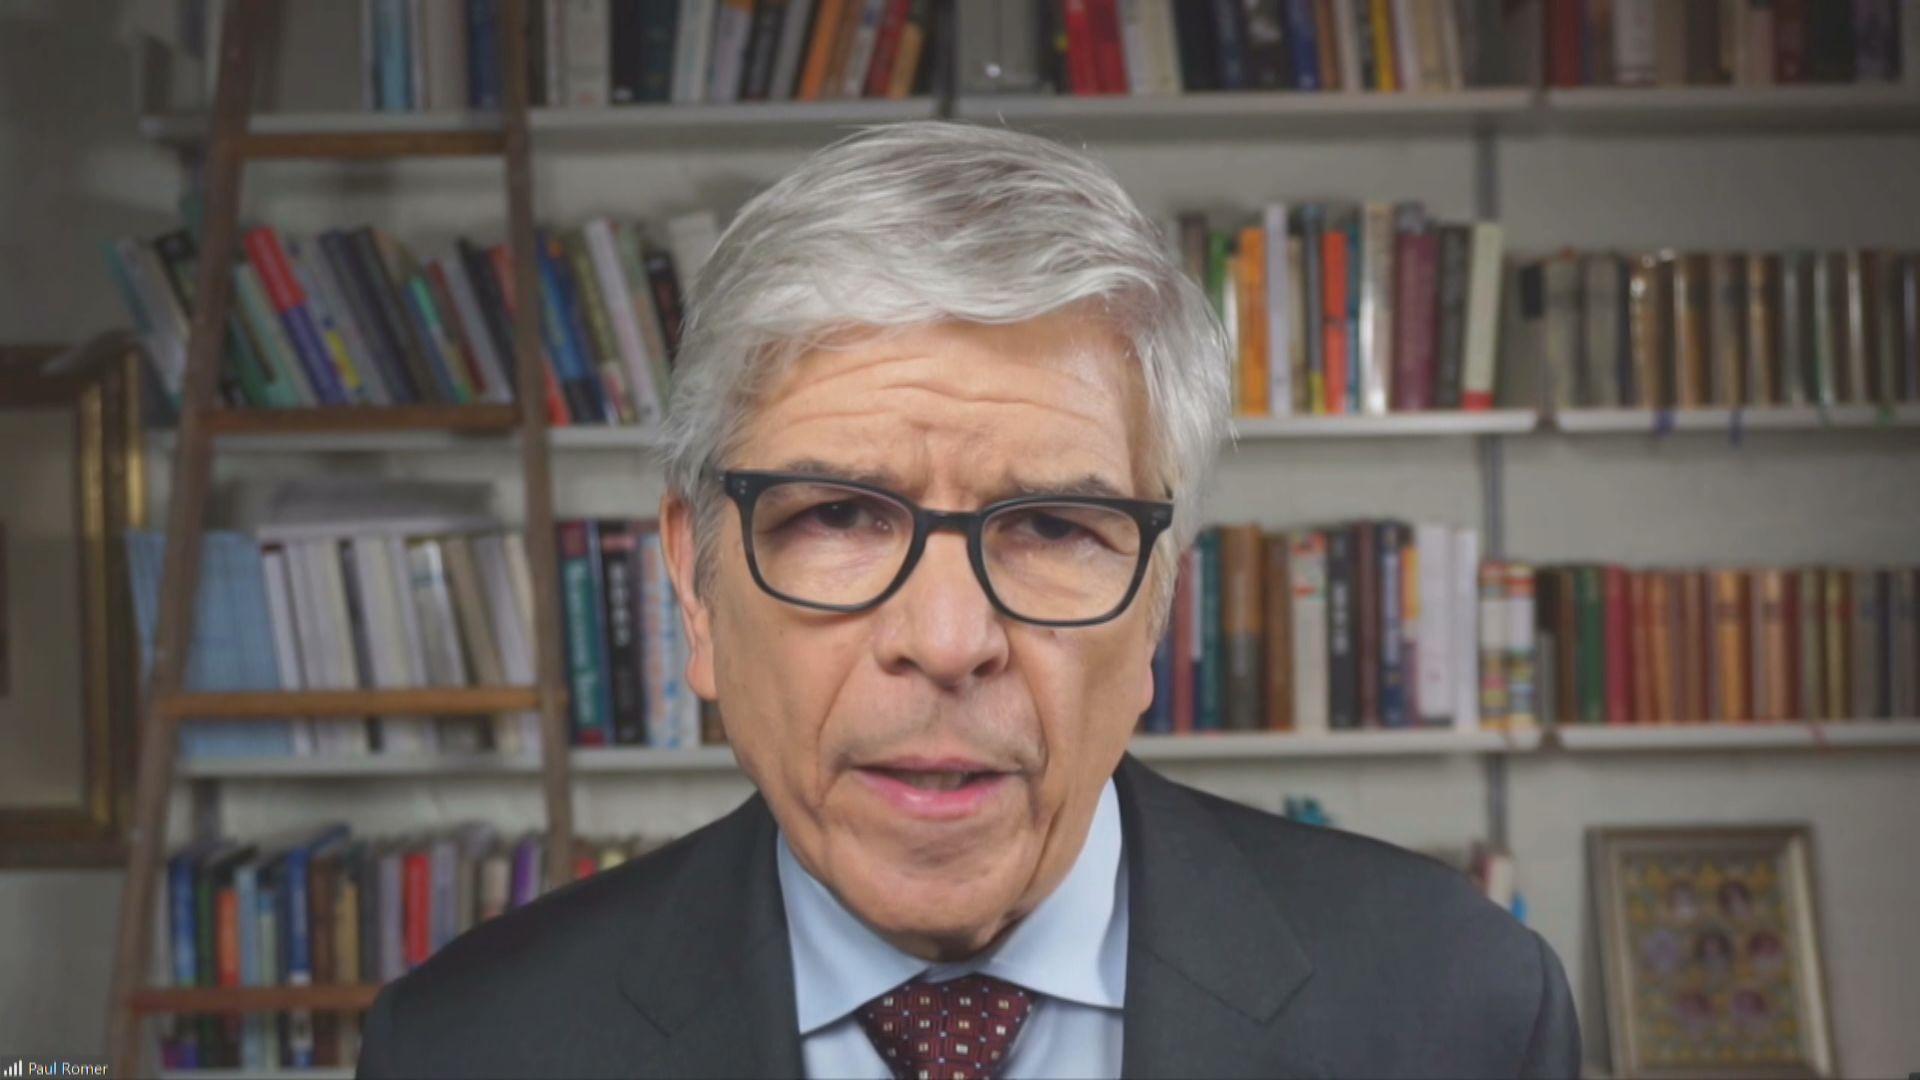 【專訪】諾貝爾經濟學獎得主批評特朗普處理疫情手法